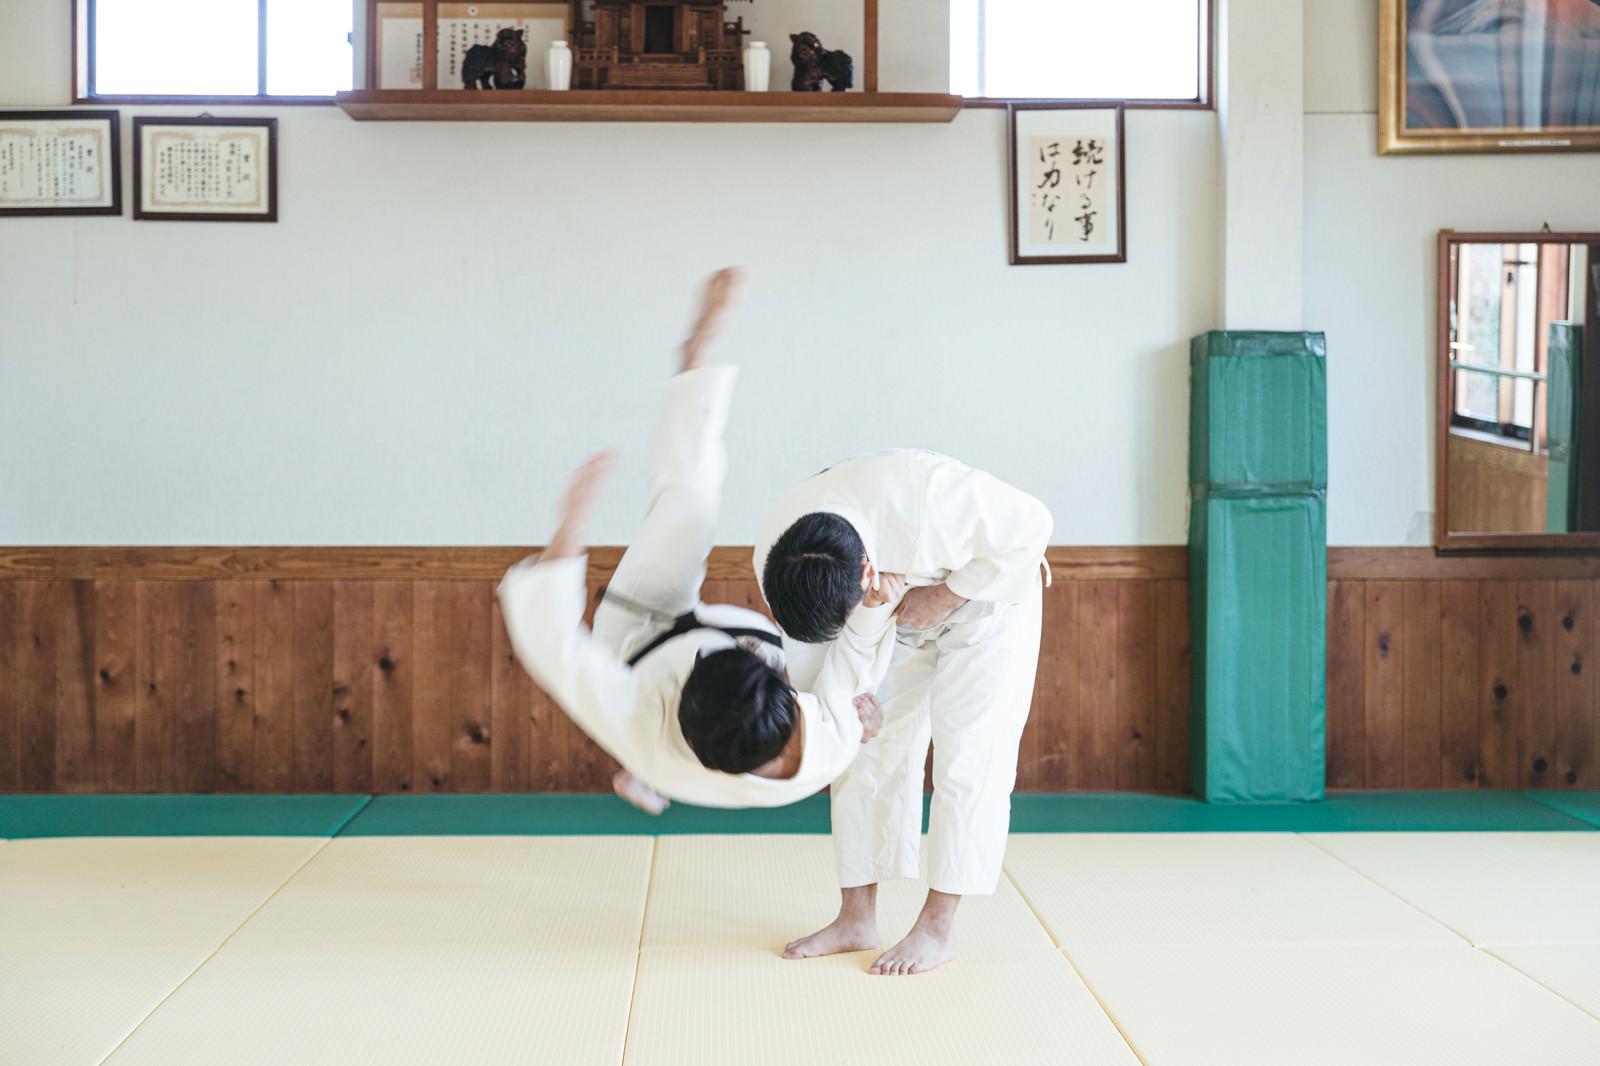 「柔道の投げ技 一本背負い(シーン7)」の写真[モデル:大川竜弥]